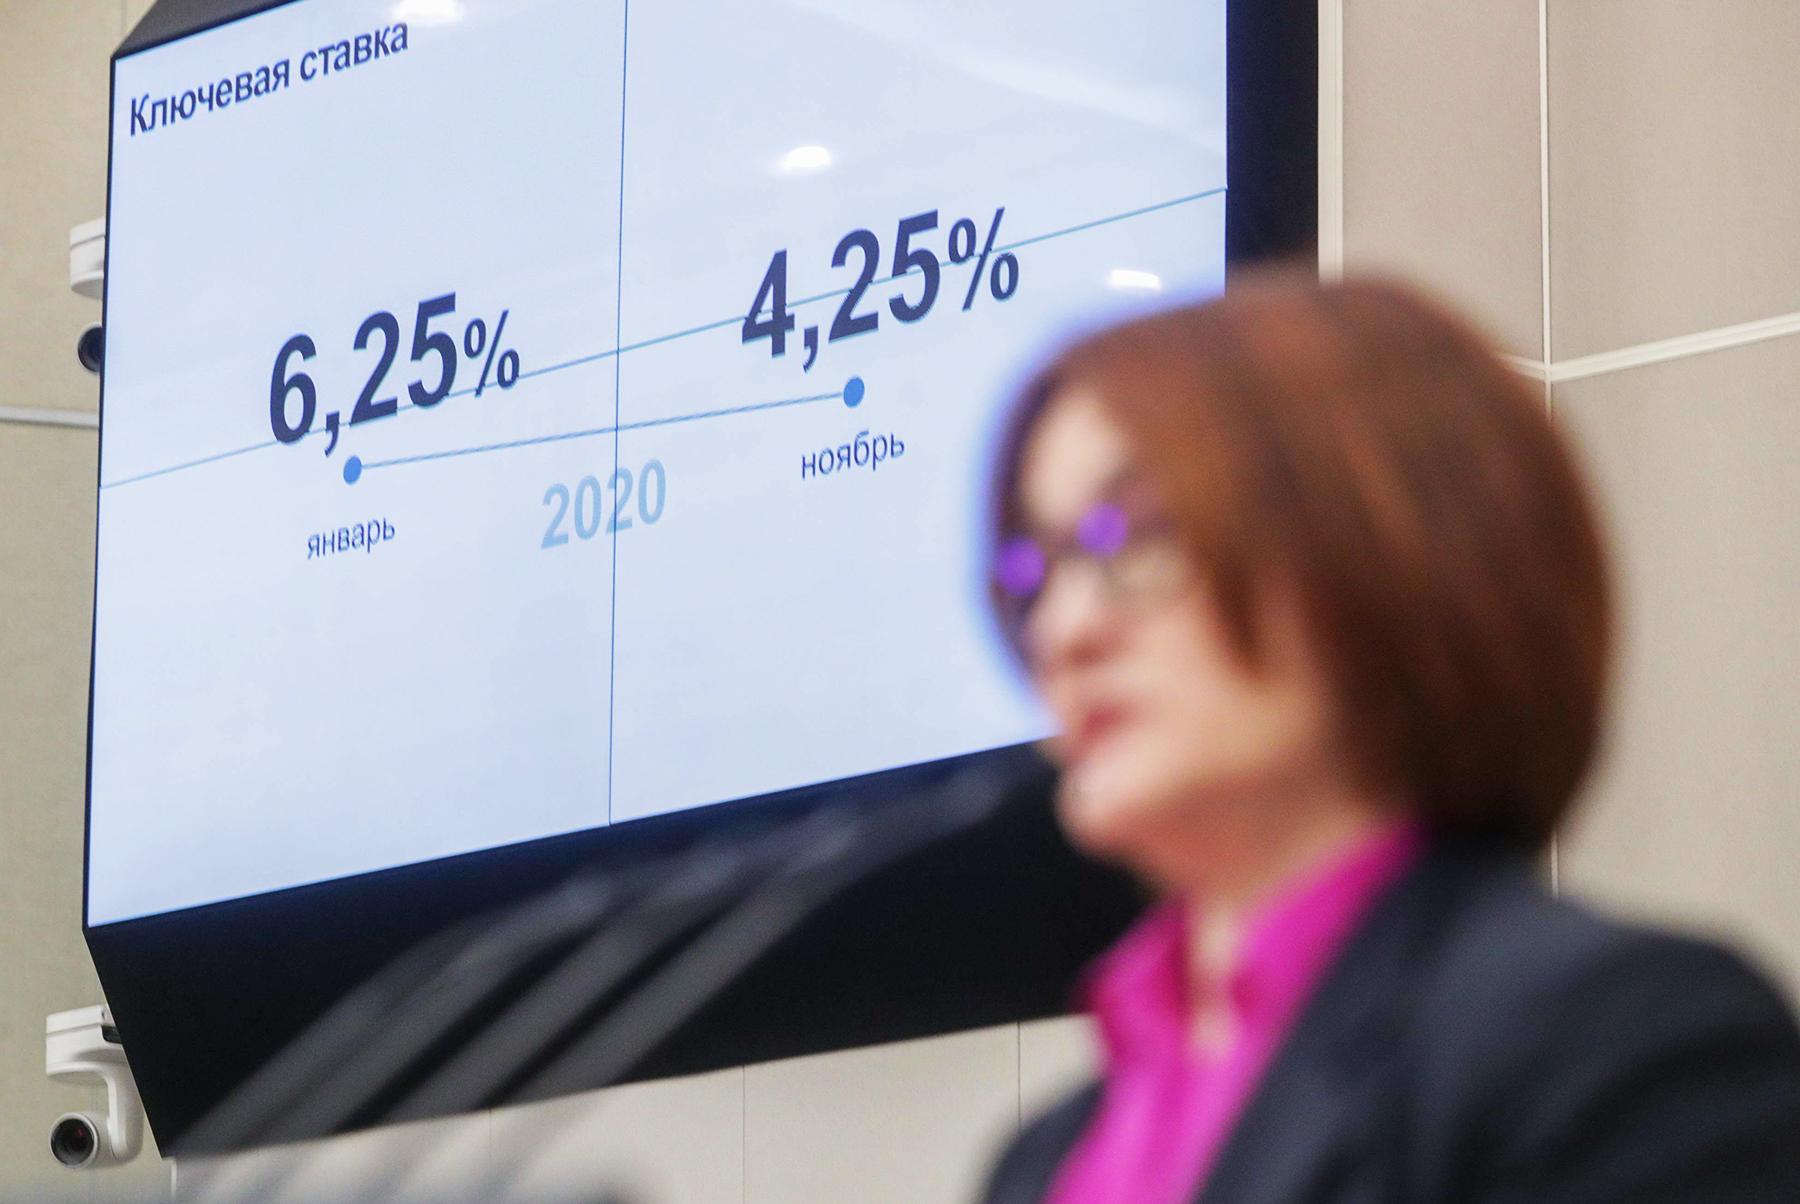 Фото Пресс-служба Госдумы РФ / ТАСС